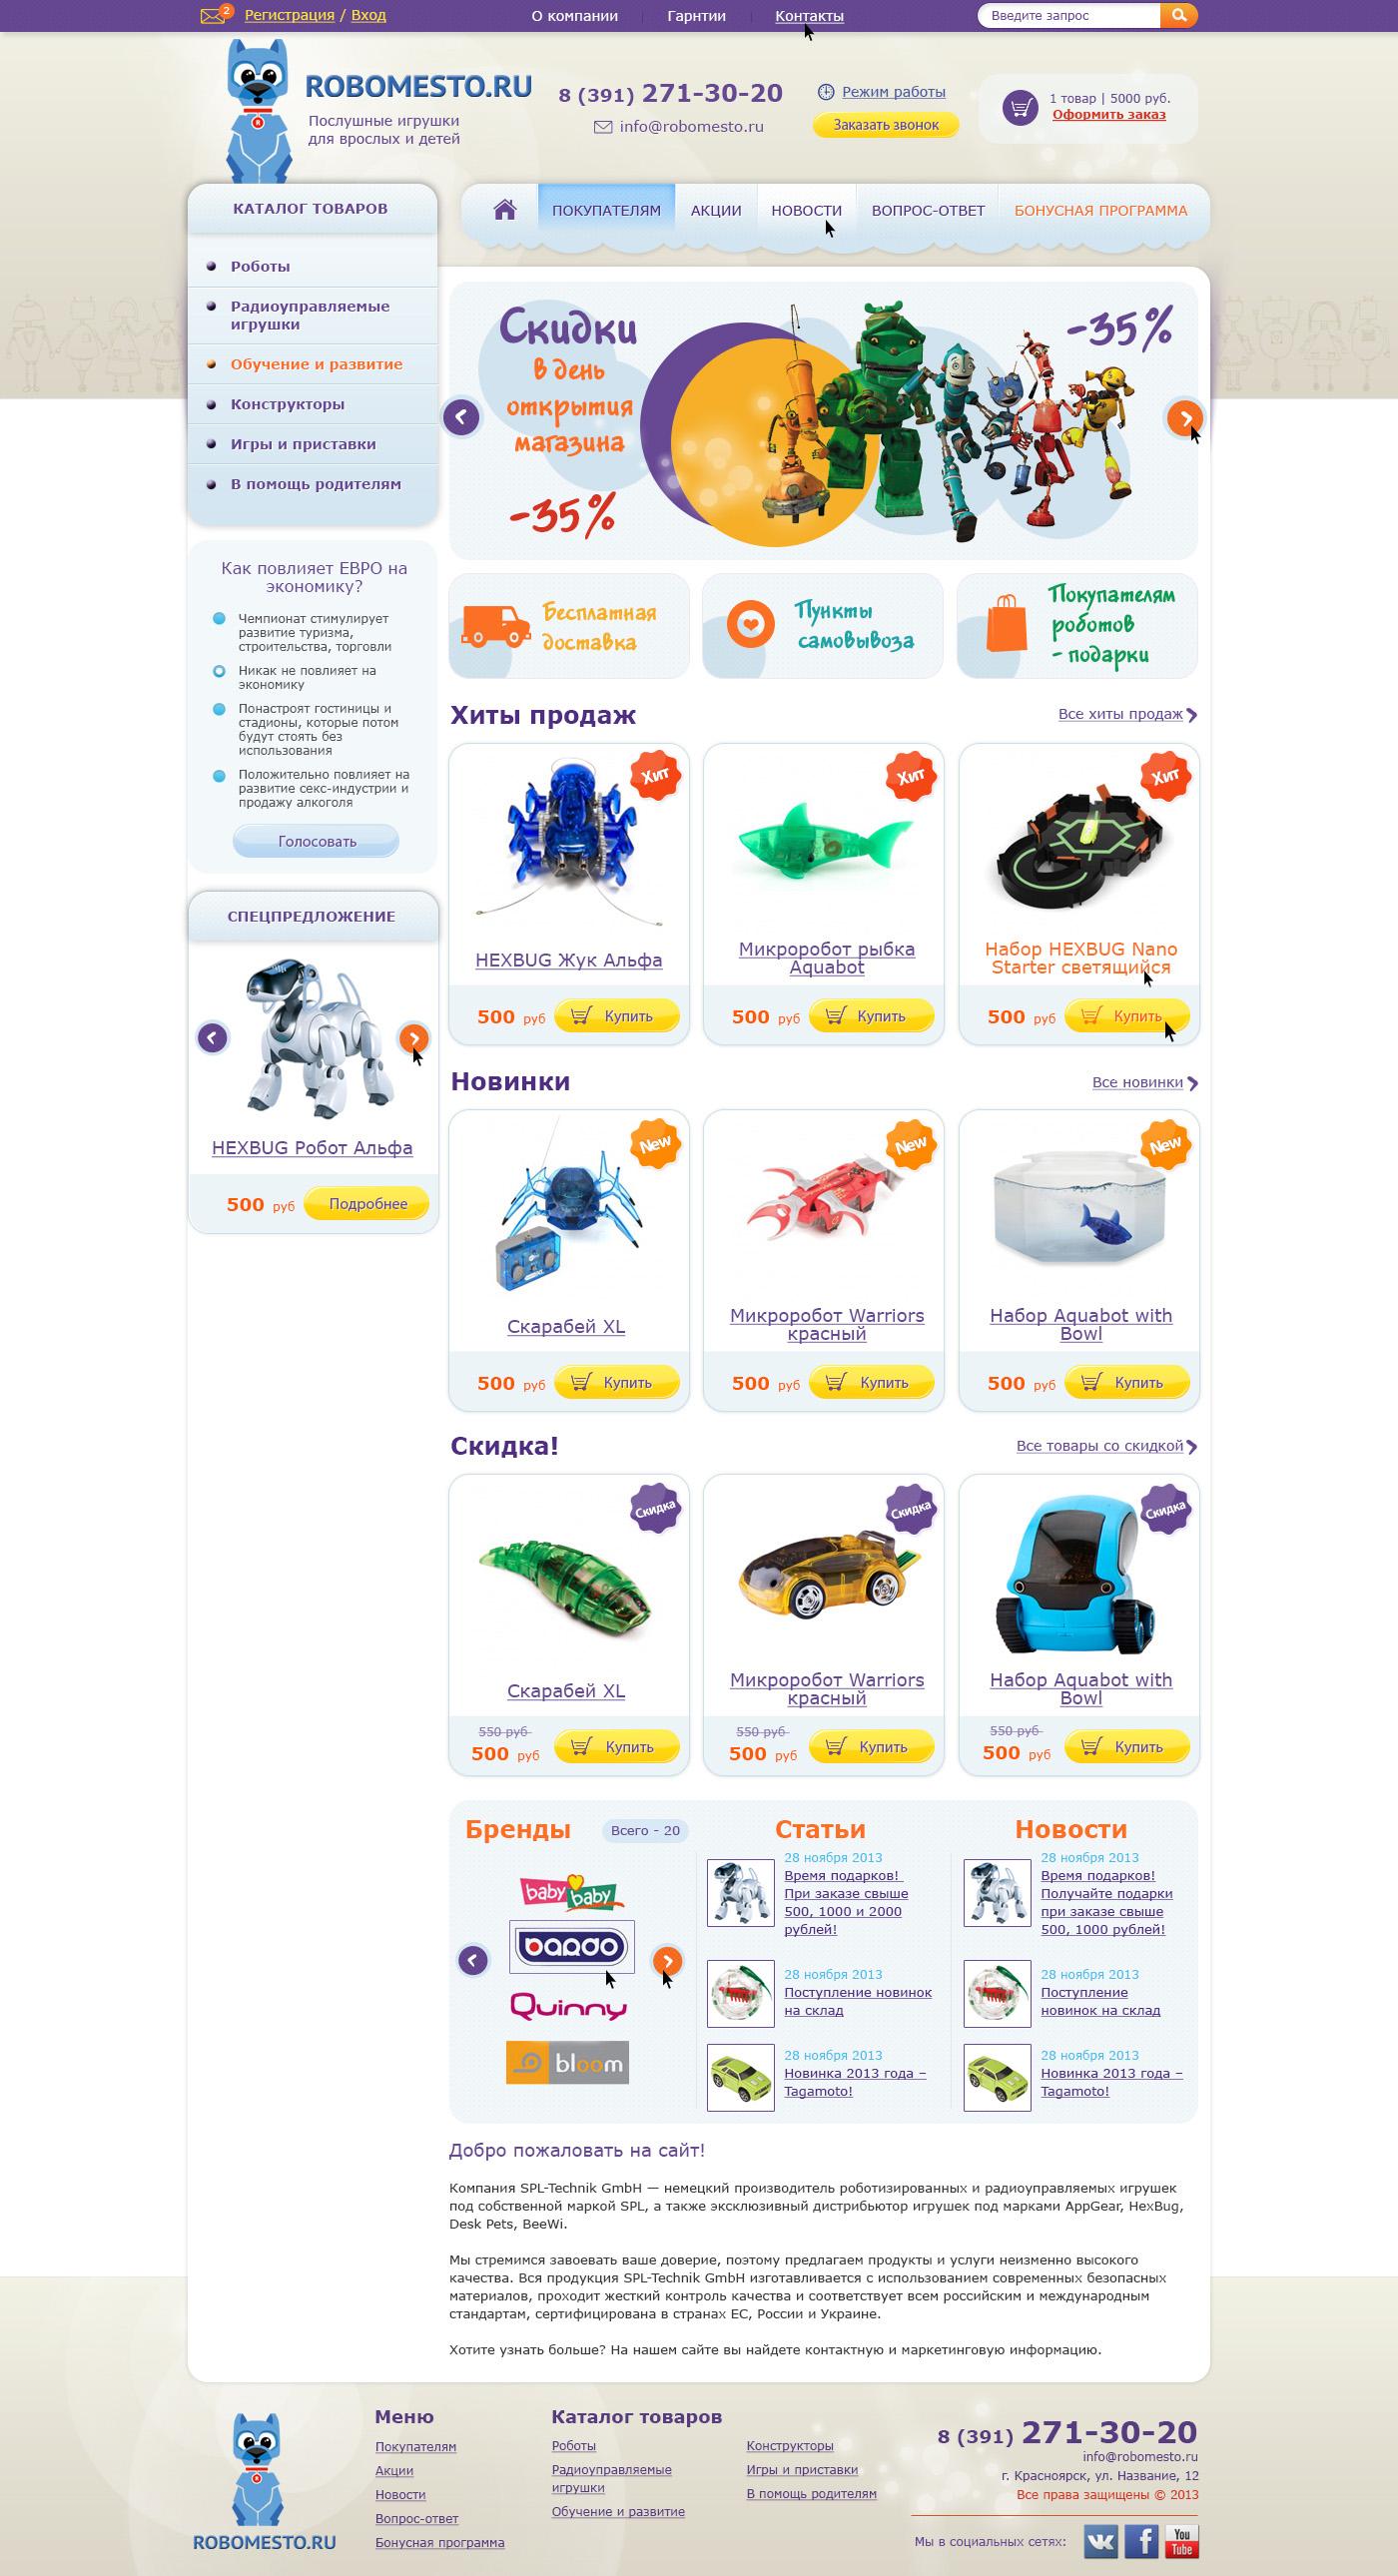 Робоместо - интернет магазин игрушек